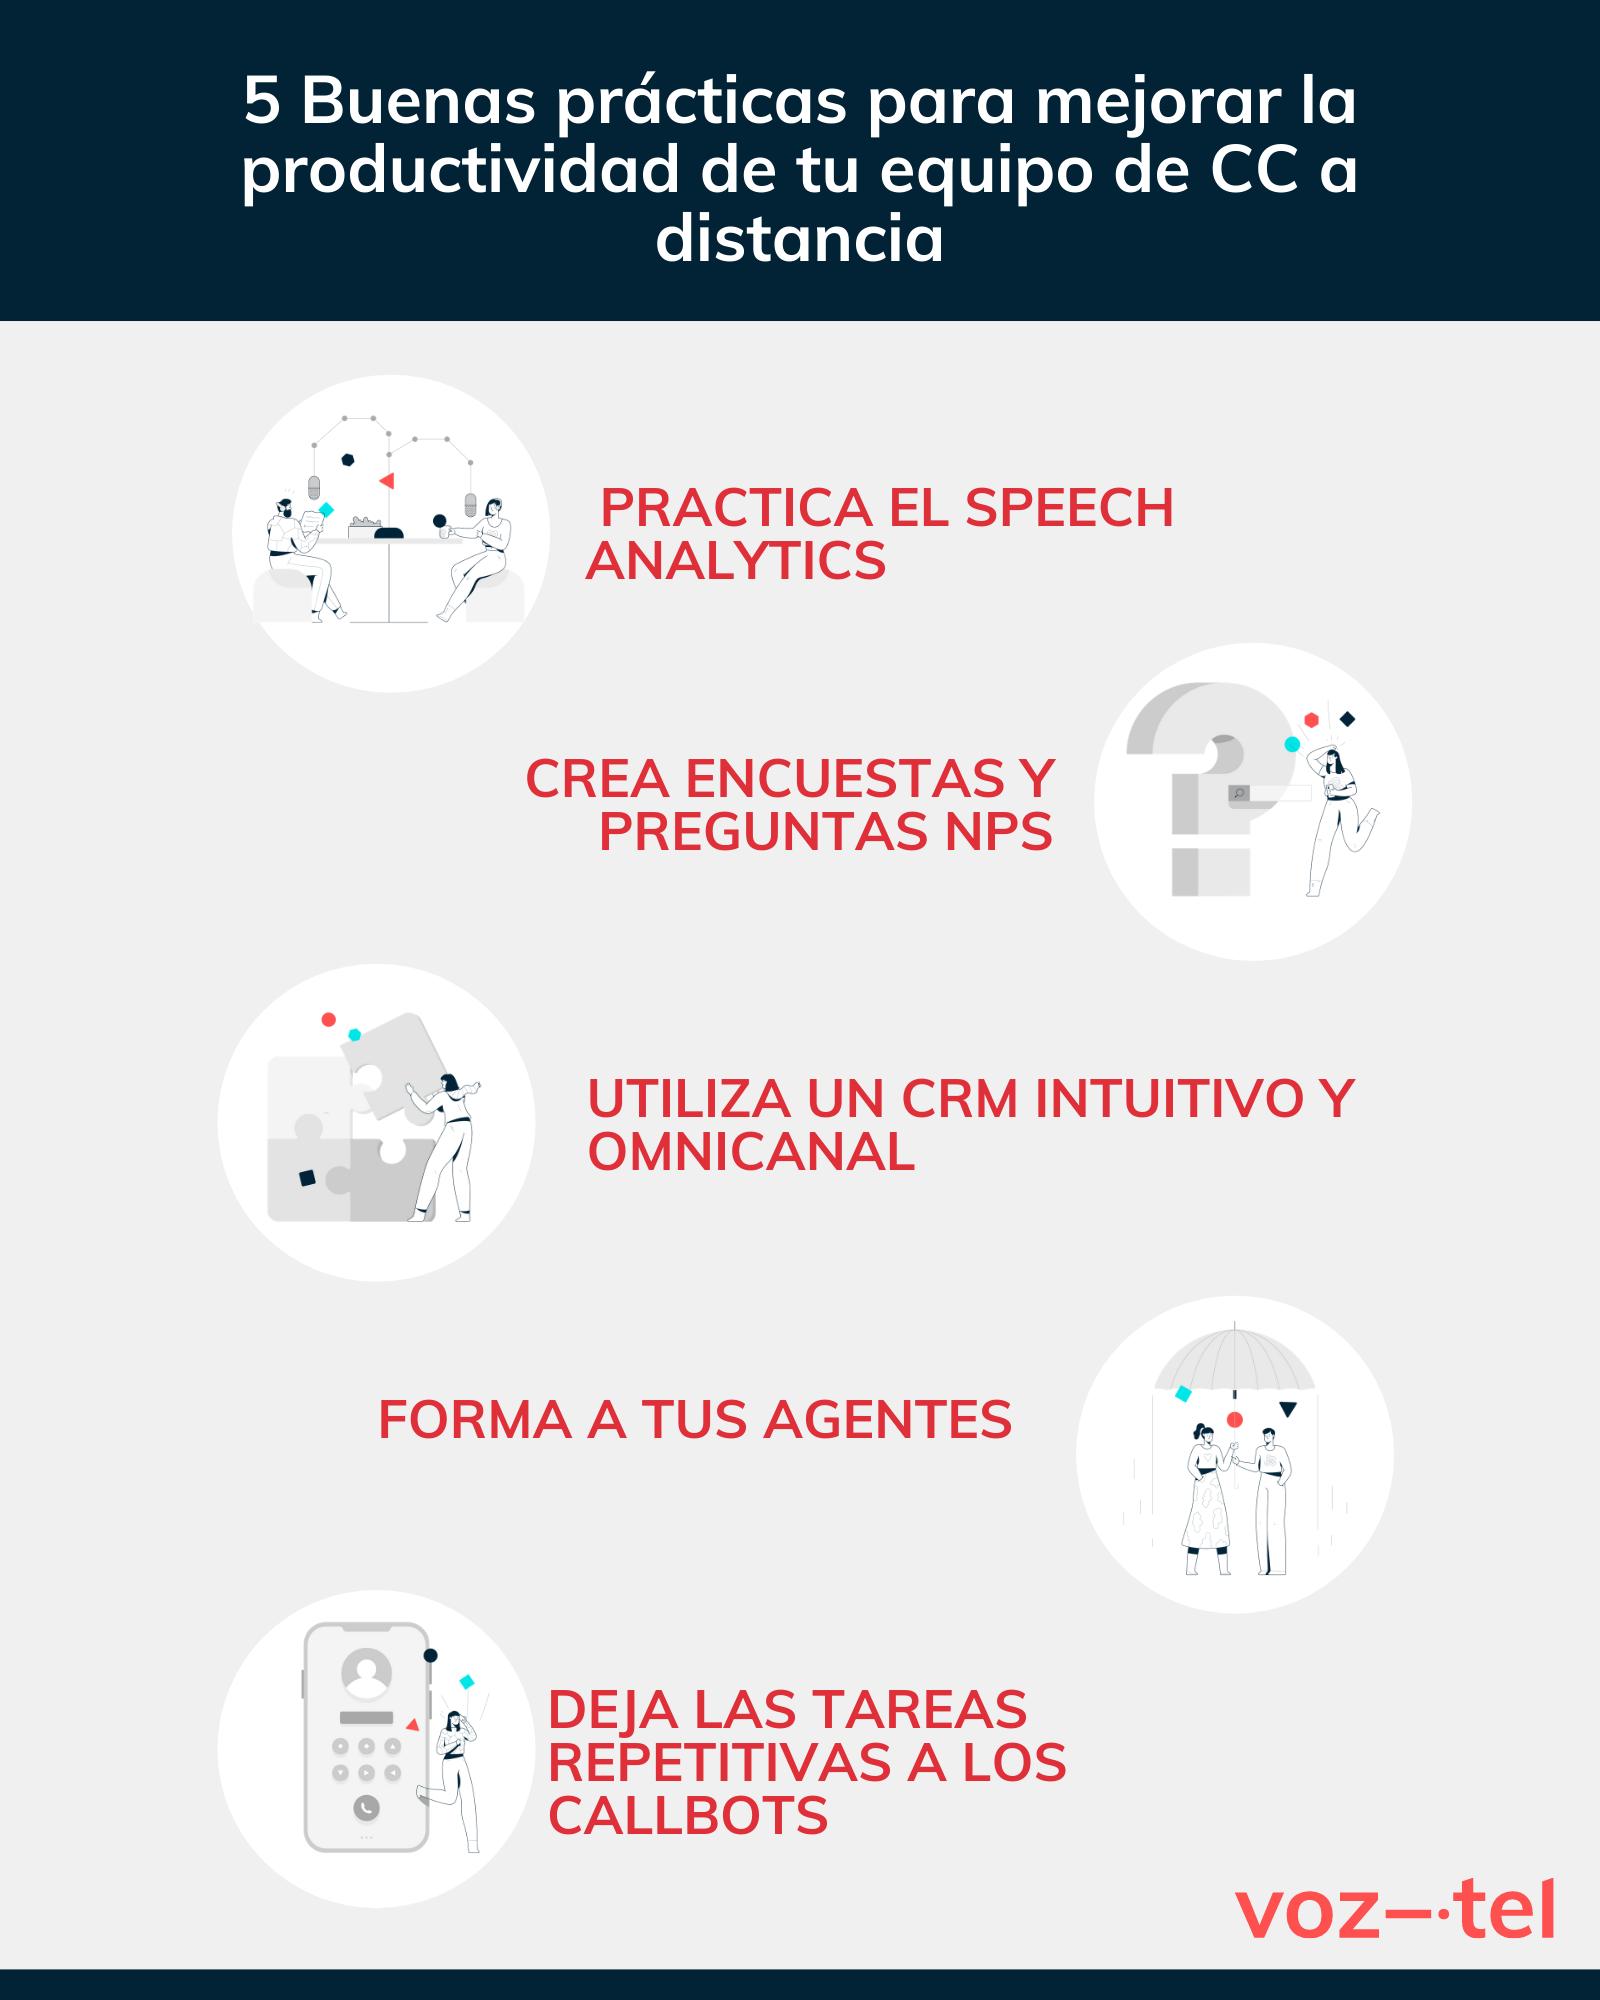 Contact Center_buenas prácticas